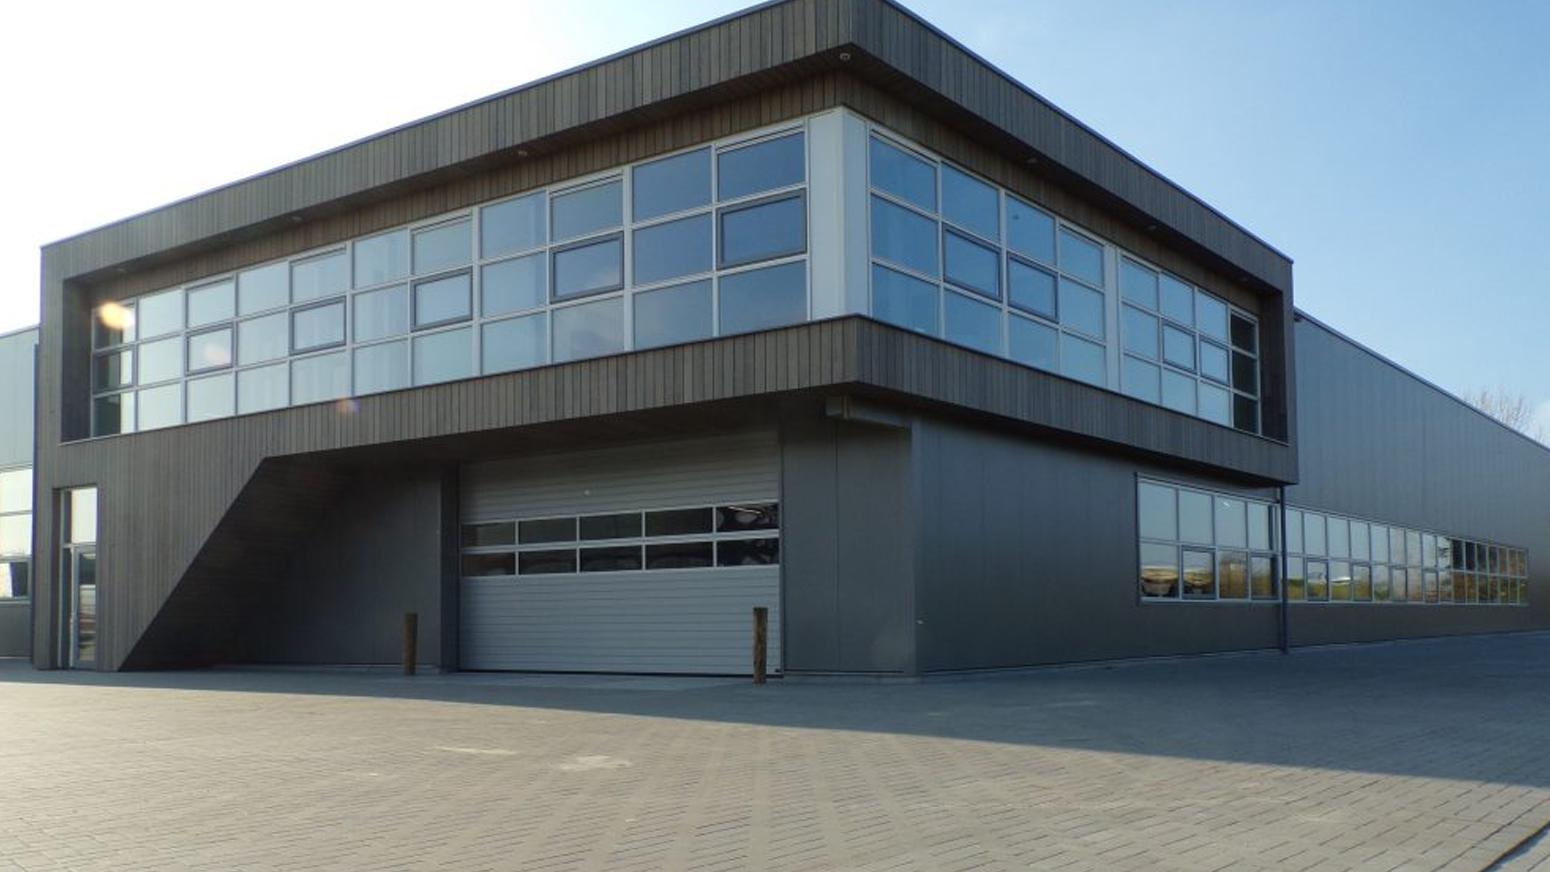 Gebouw Van Timmerfabriek De Mol B.V.